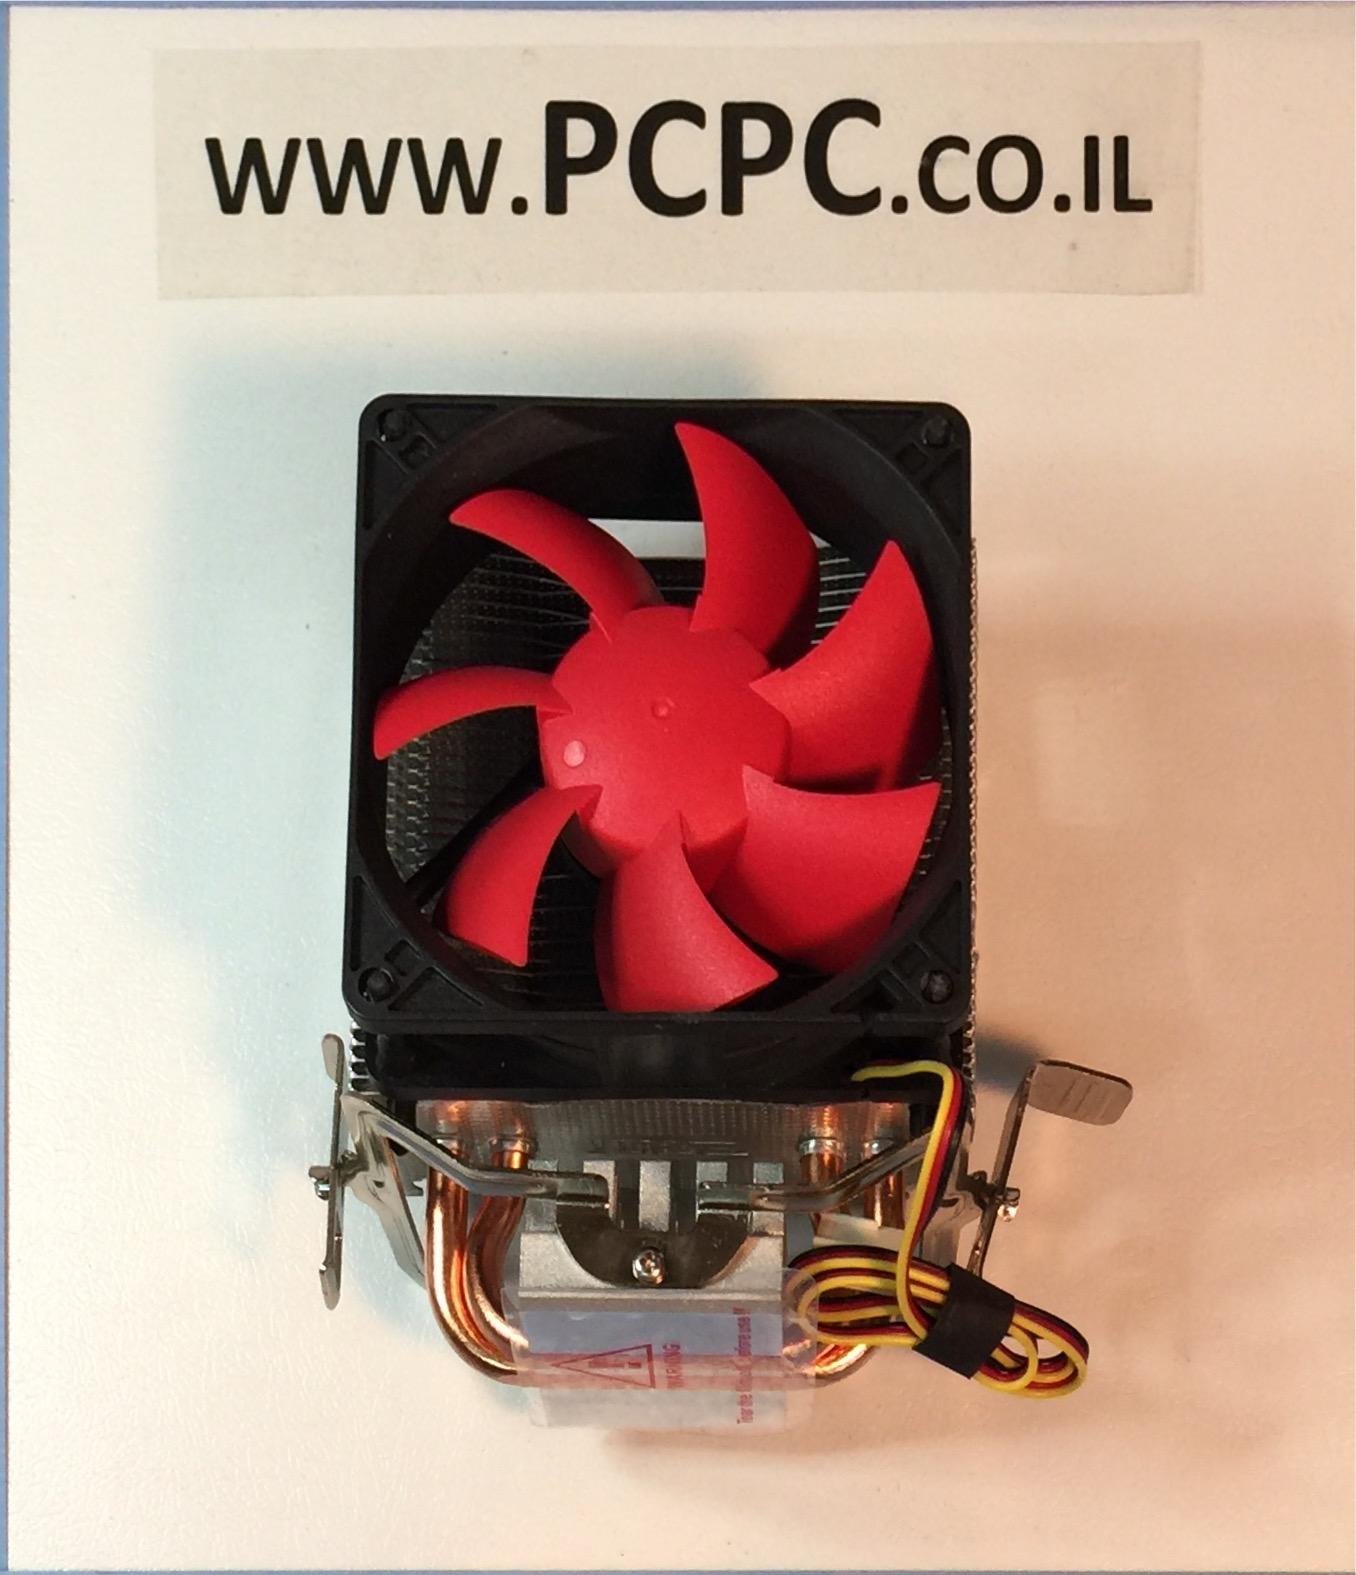 מאוורר קירור גז למעבד ל  OCEANER HP-928 INTEL-AMD